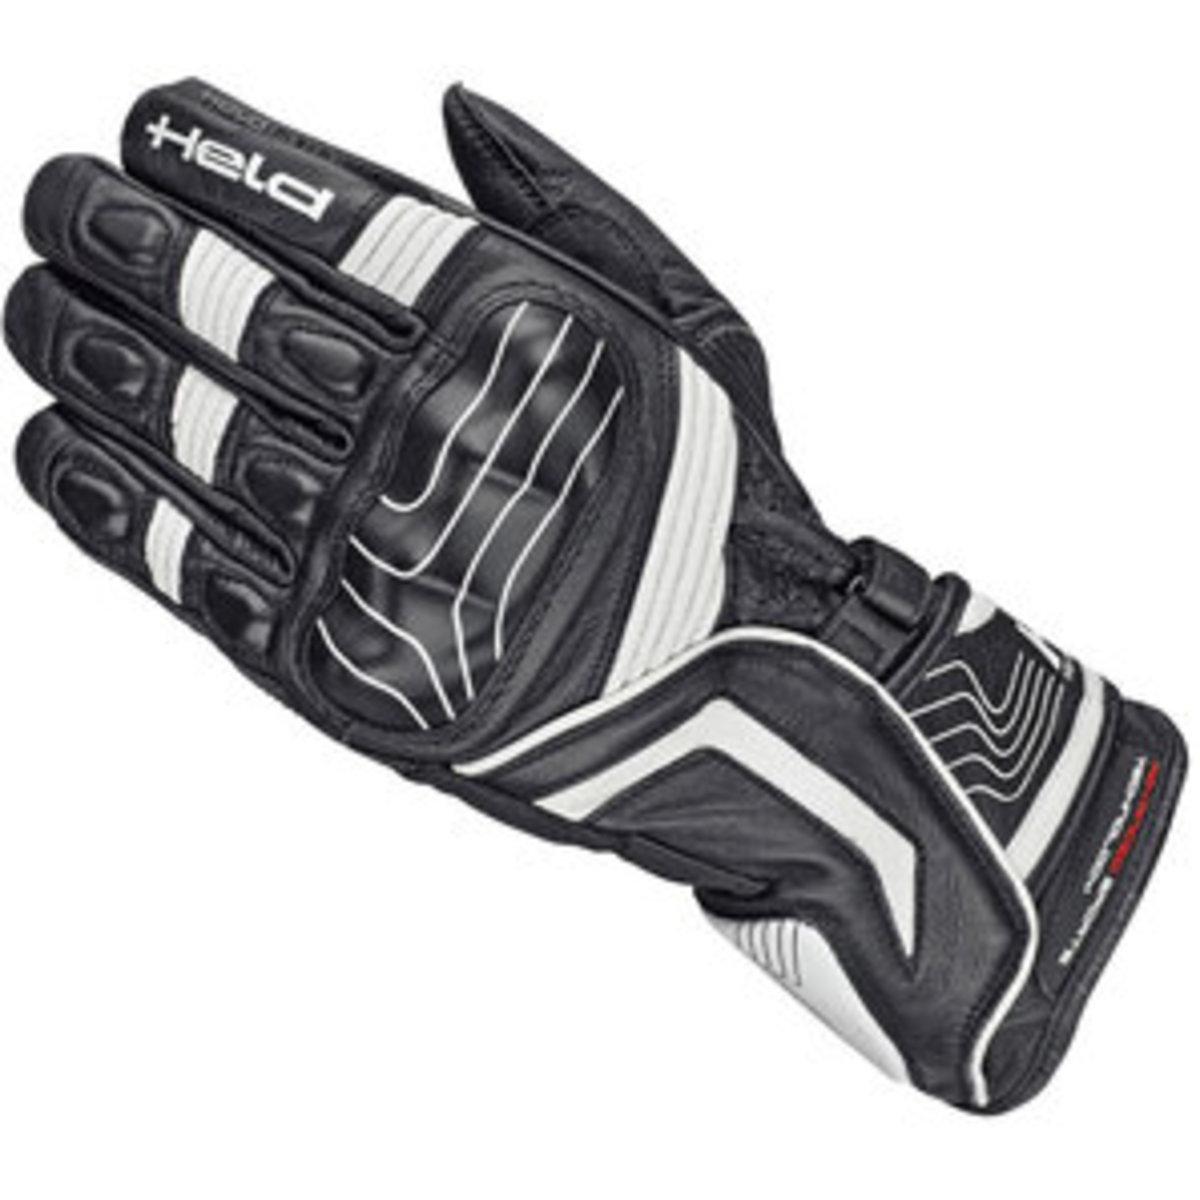 Bild 1 von Held Revel 2623        Handschuh, schwarz-weiß